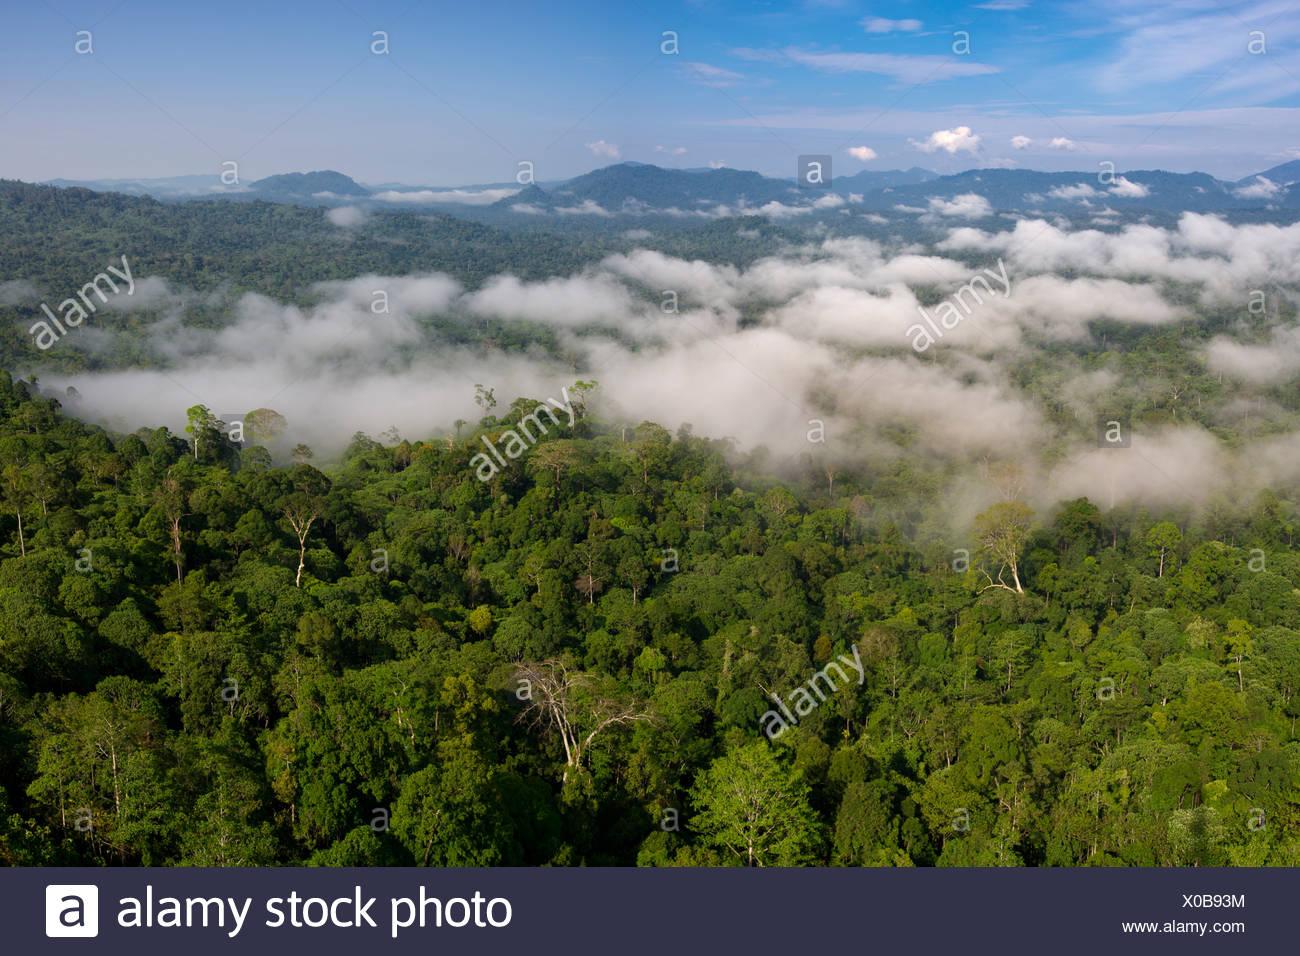 Les nuages bas au-dessus de la forêt de diptérocarpacées de plaine. Danum Valley, Sabah, Bornéo. Photo Stock